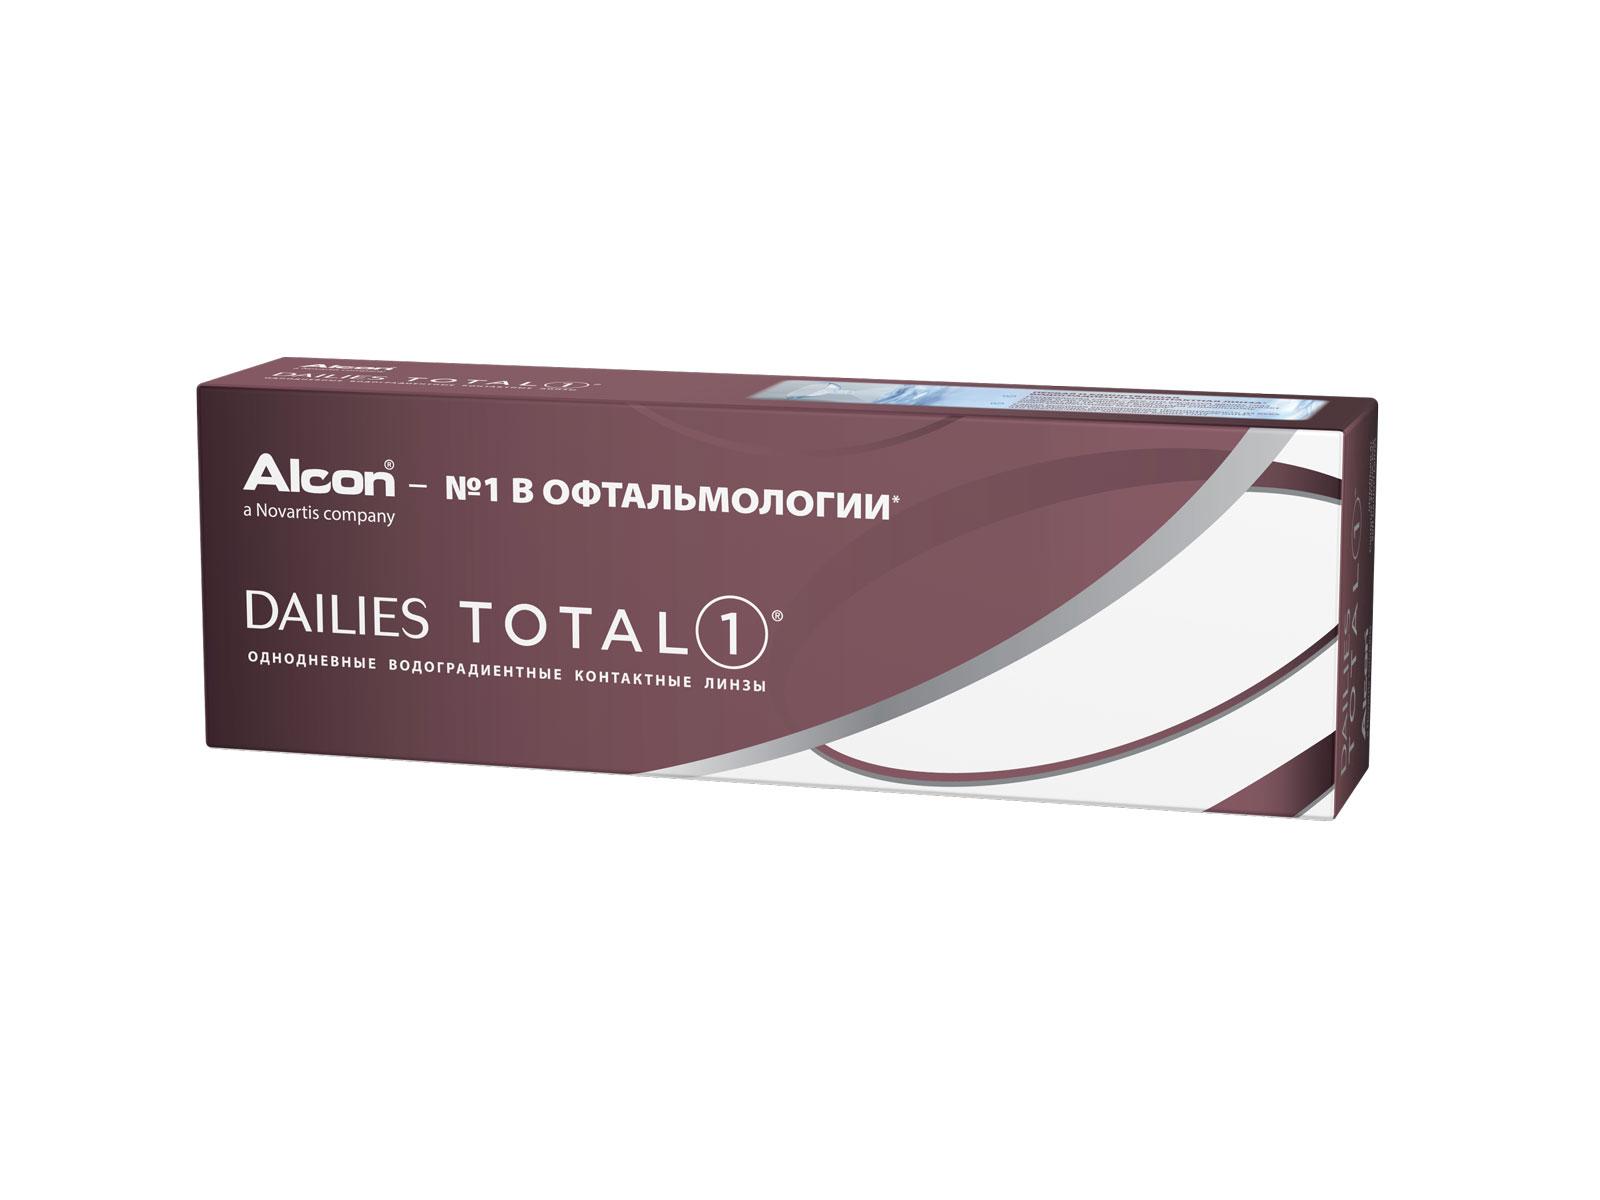 Alcon контактные линзы Dailies Total 1 30pk /+1.75 / 8.5 / 14.1100050478Dailies Total 1 – линзы, которые не чувствуешь с утра и до поздного вечера. Эти однодневные контактные линзы выполнены из уникального водоградиентного материала, багодаря которому натуральная слеза – это все, что касается ваших глаз. Почти 100% влаги на поверхности обеспечивают непревзойденный комфорт до 16 часов ношения.